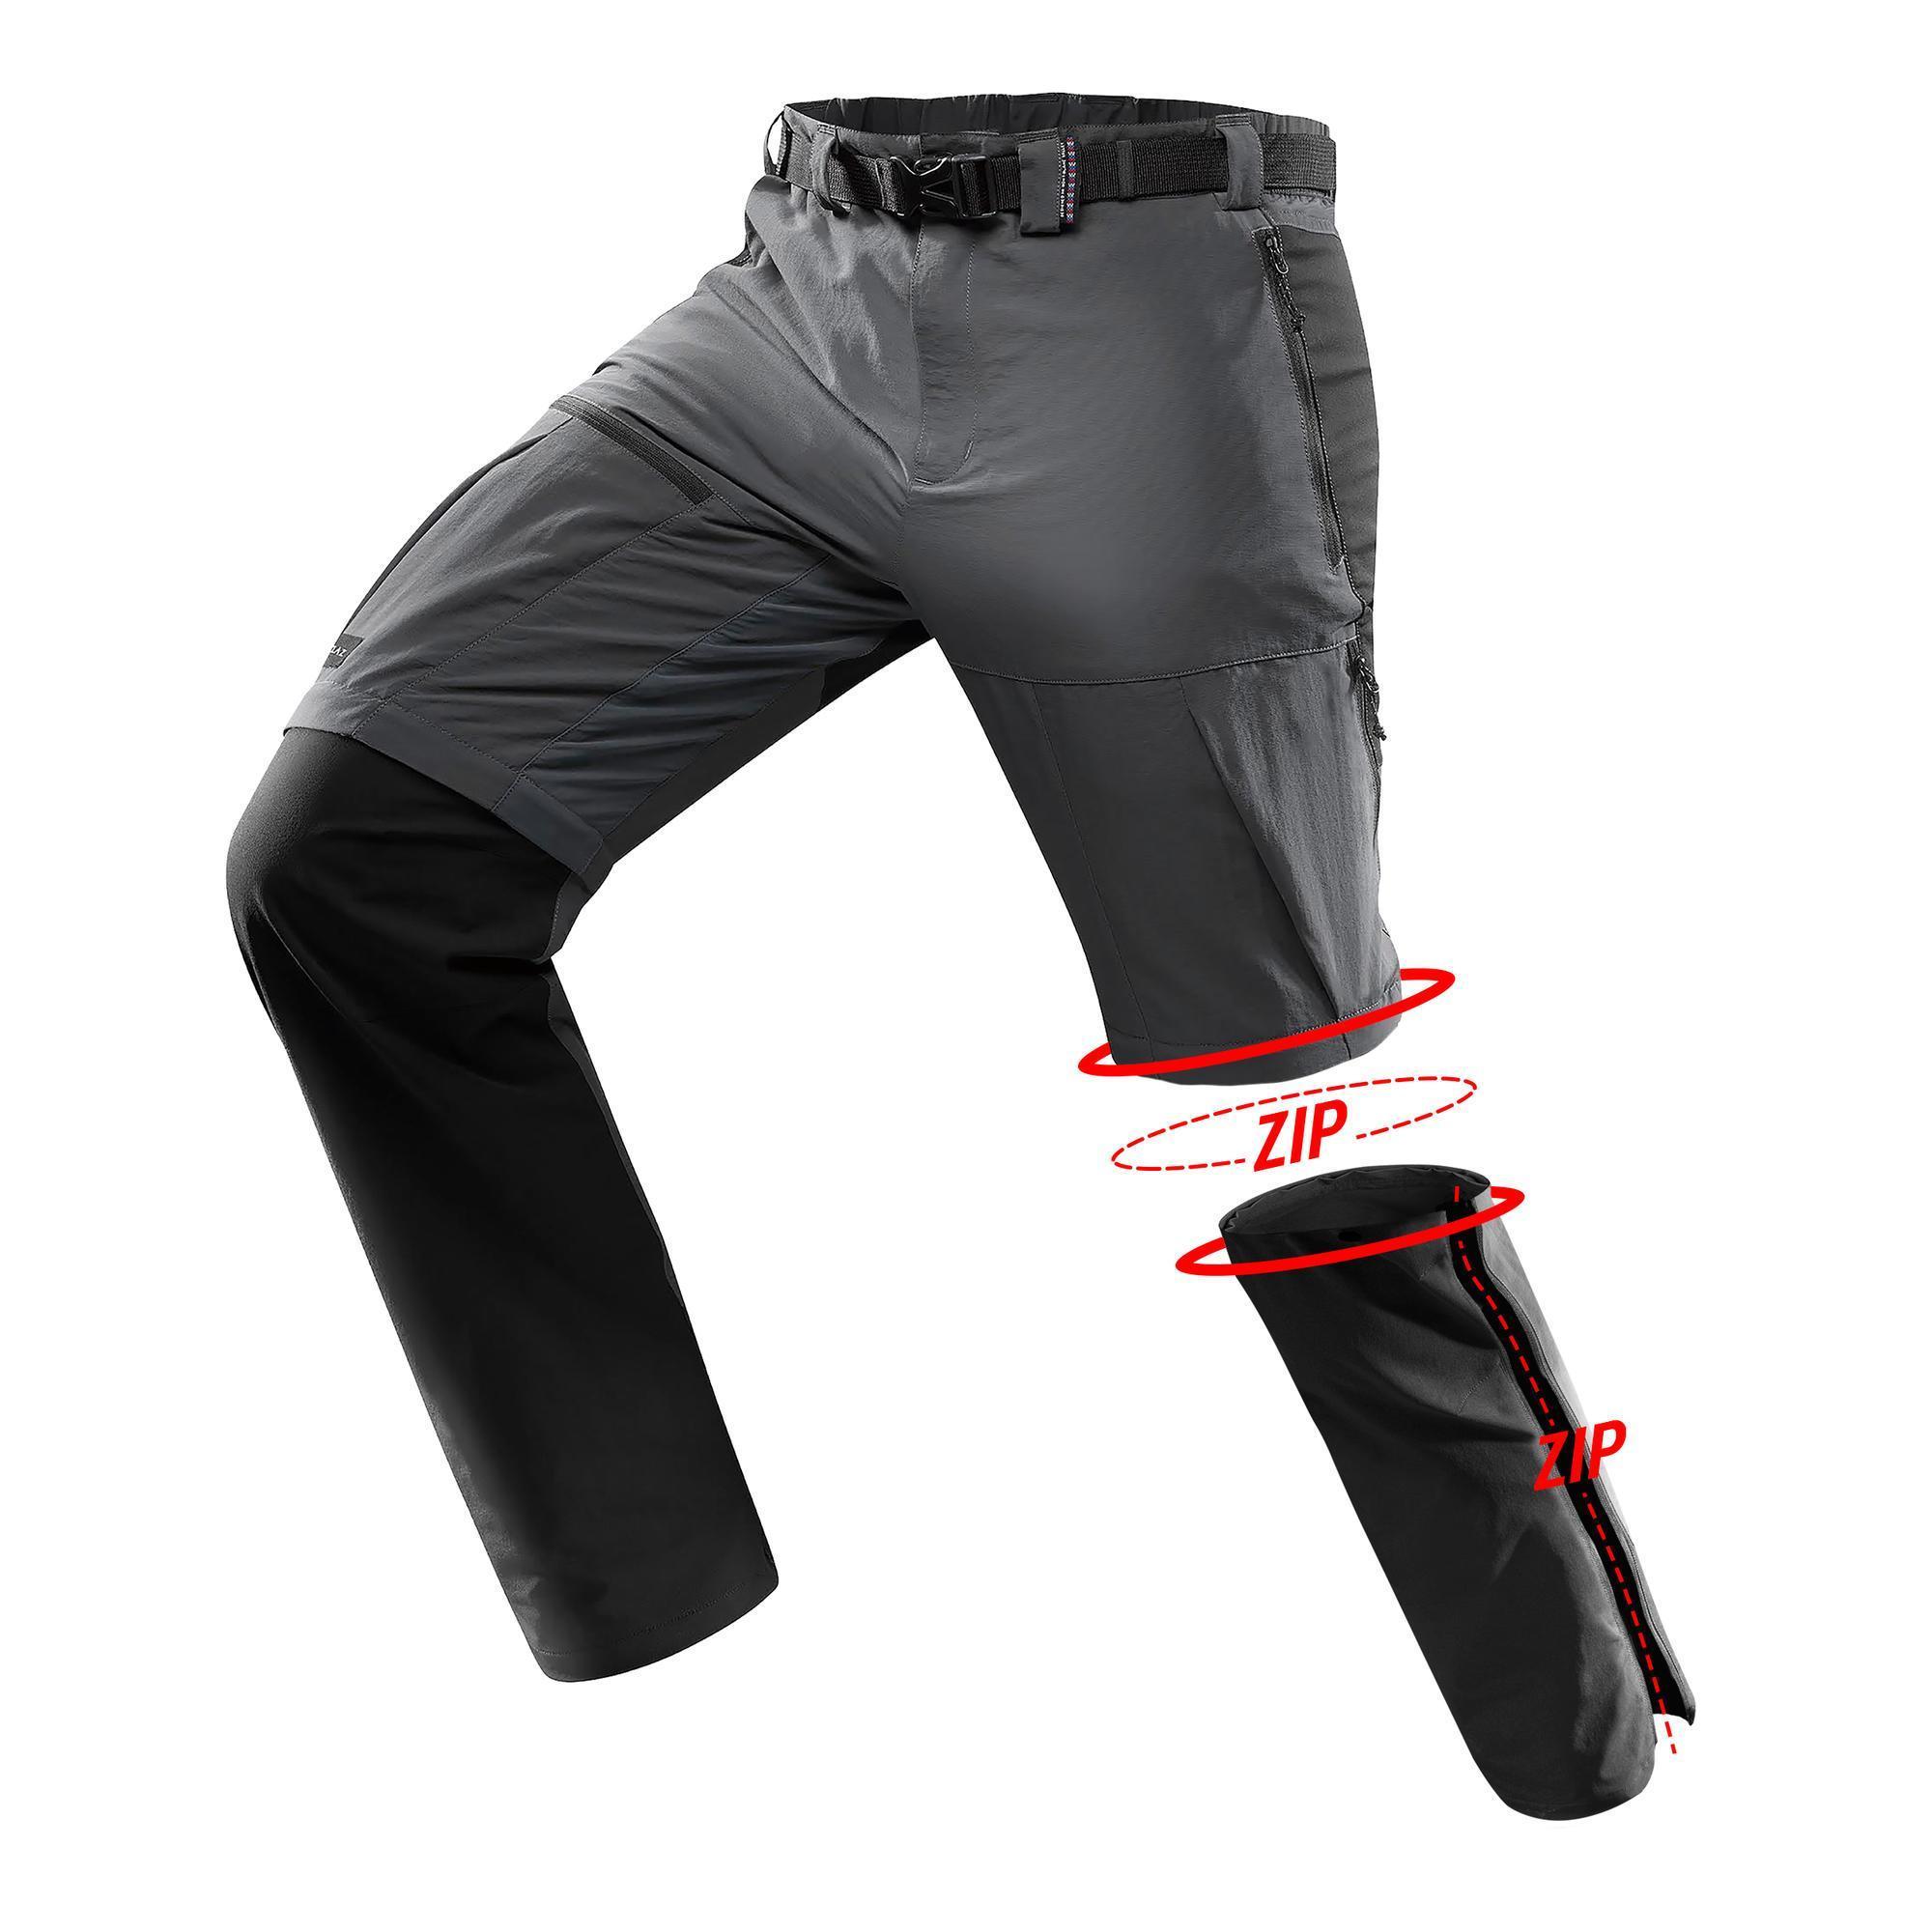 großer Verkauf extrem einzigartig größte Auswahl Trekkinghose, Zip Hose | robust & atmungsaktiv | Decathlon